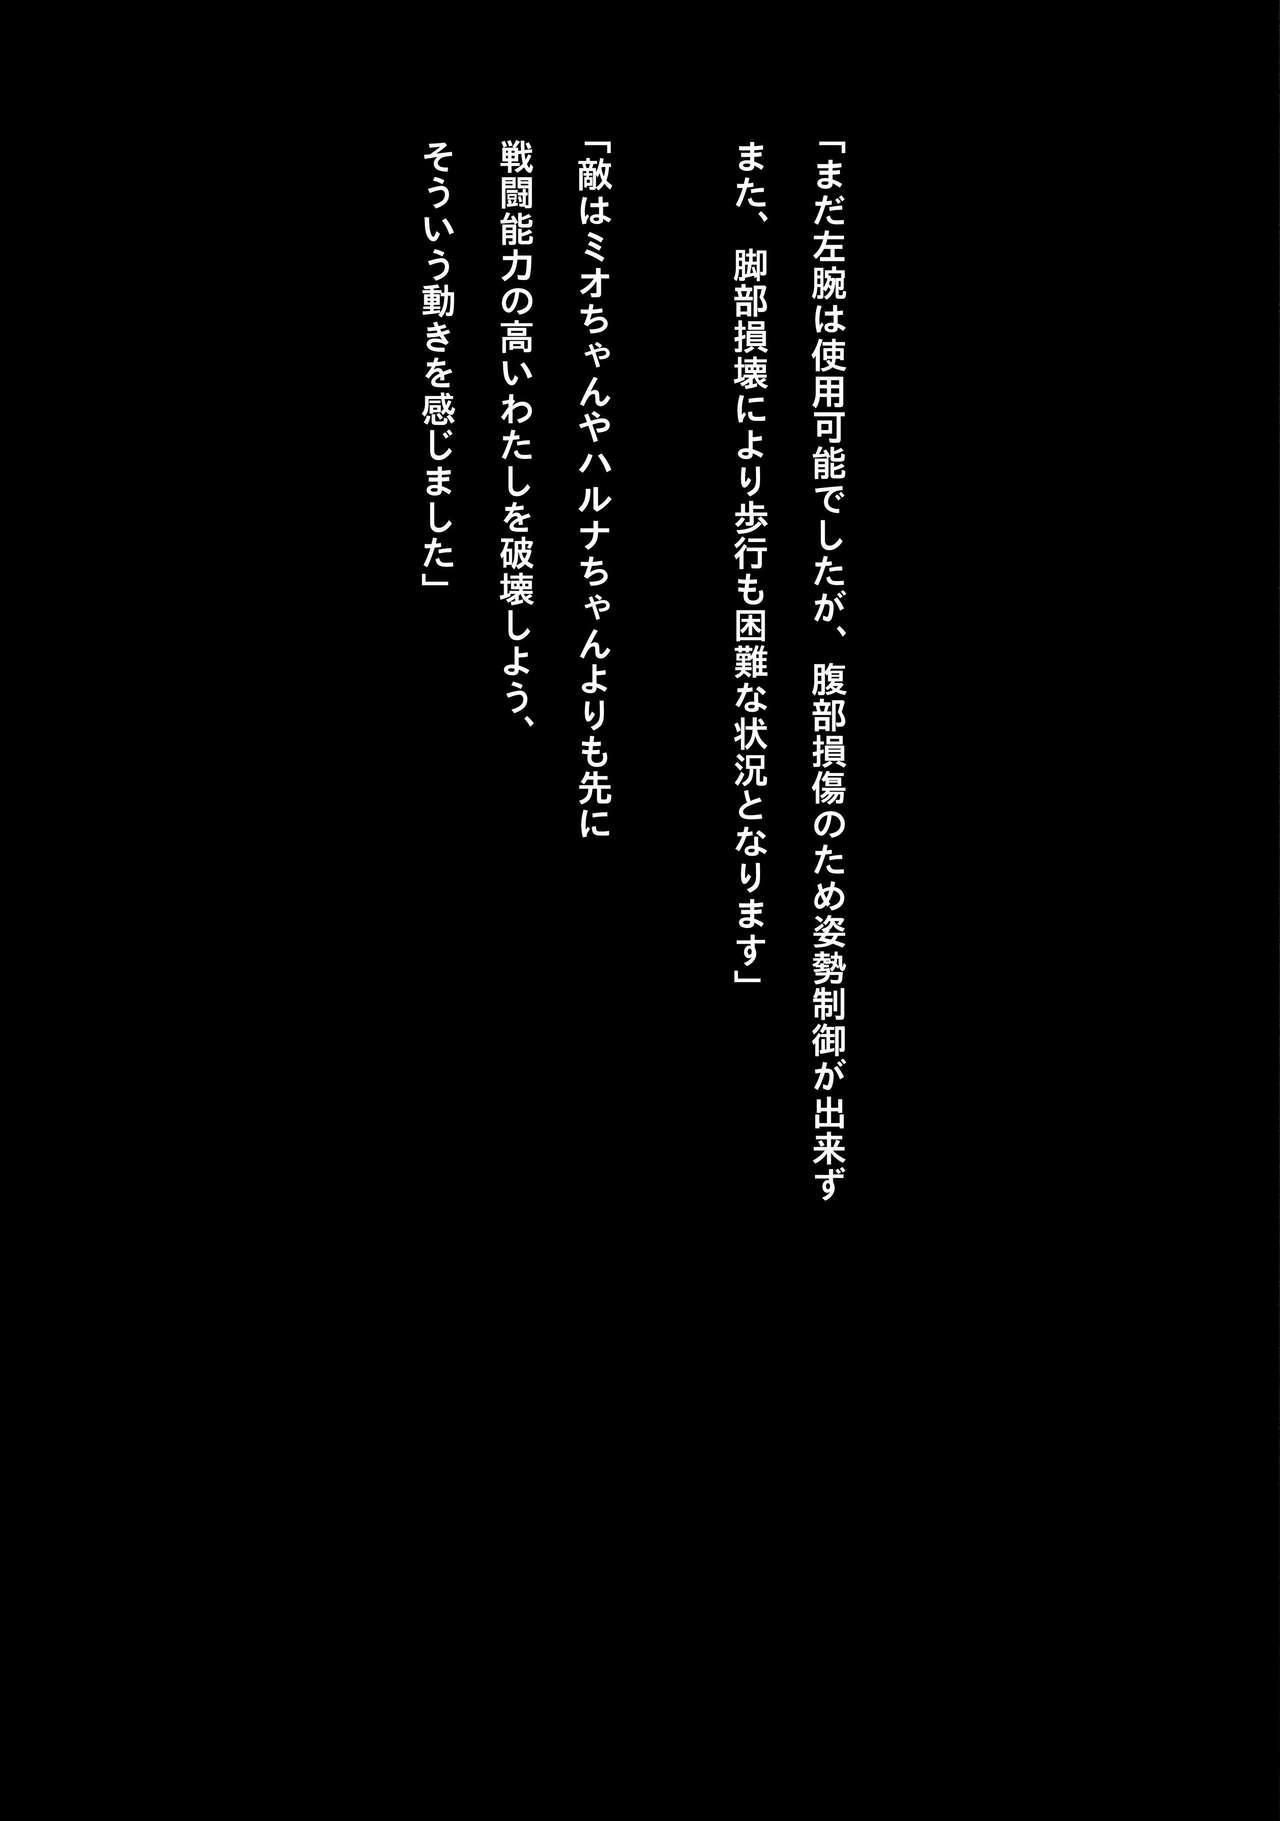 Idol Cyber Battle NEO GENERATOR episode 3 Seisan! Shi o kakugo shita shunkan 42